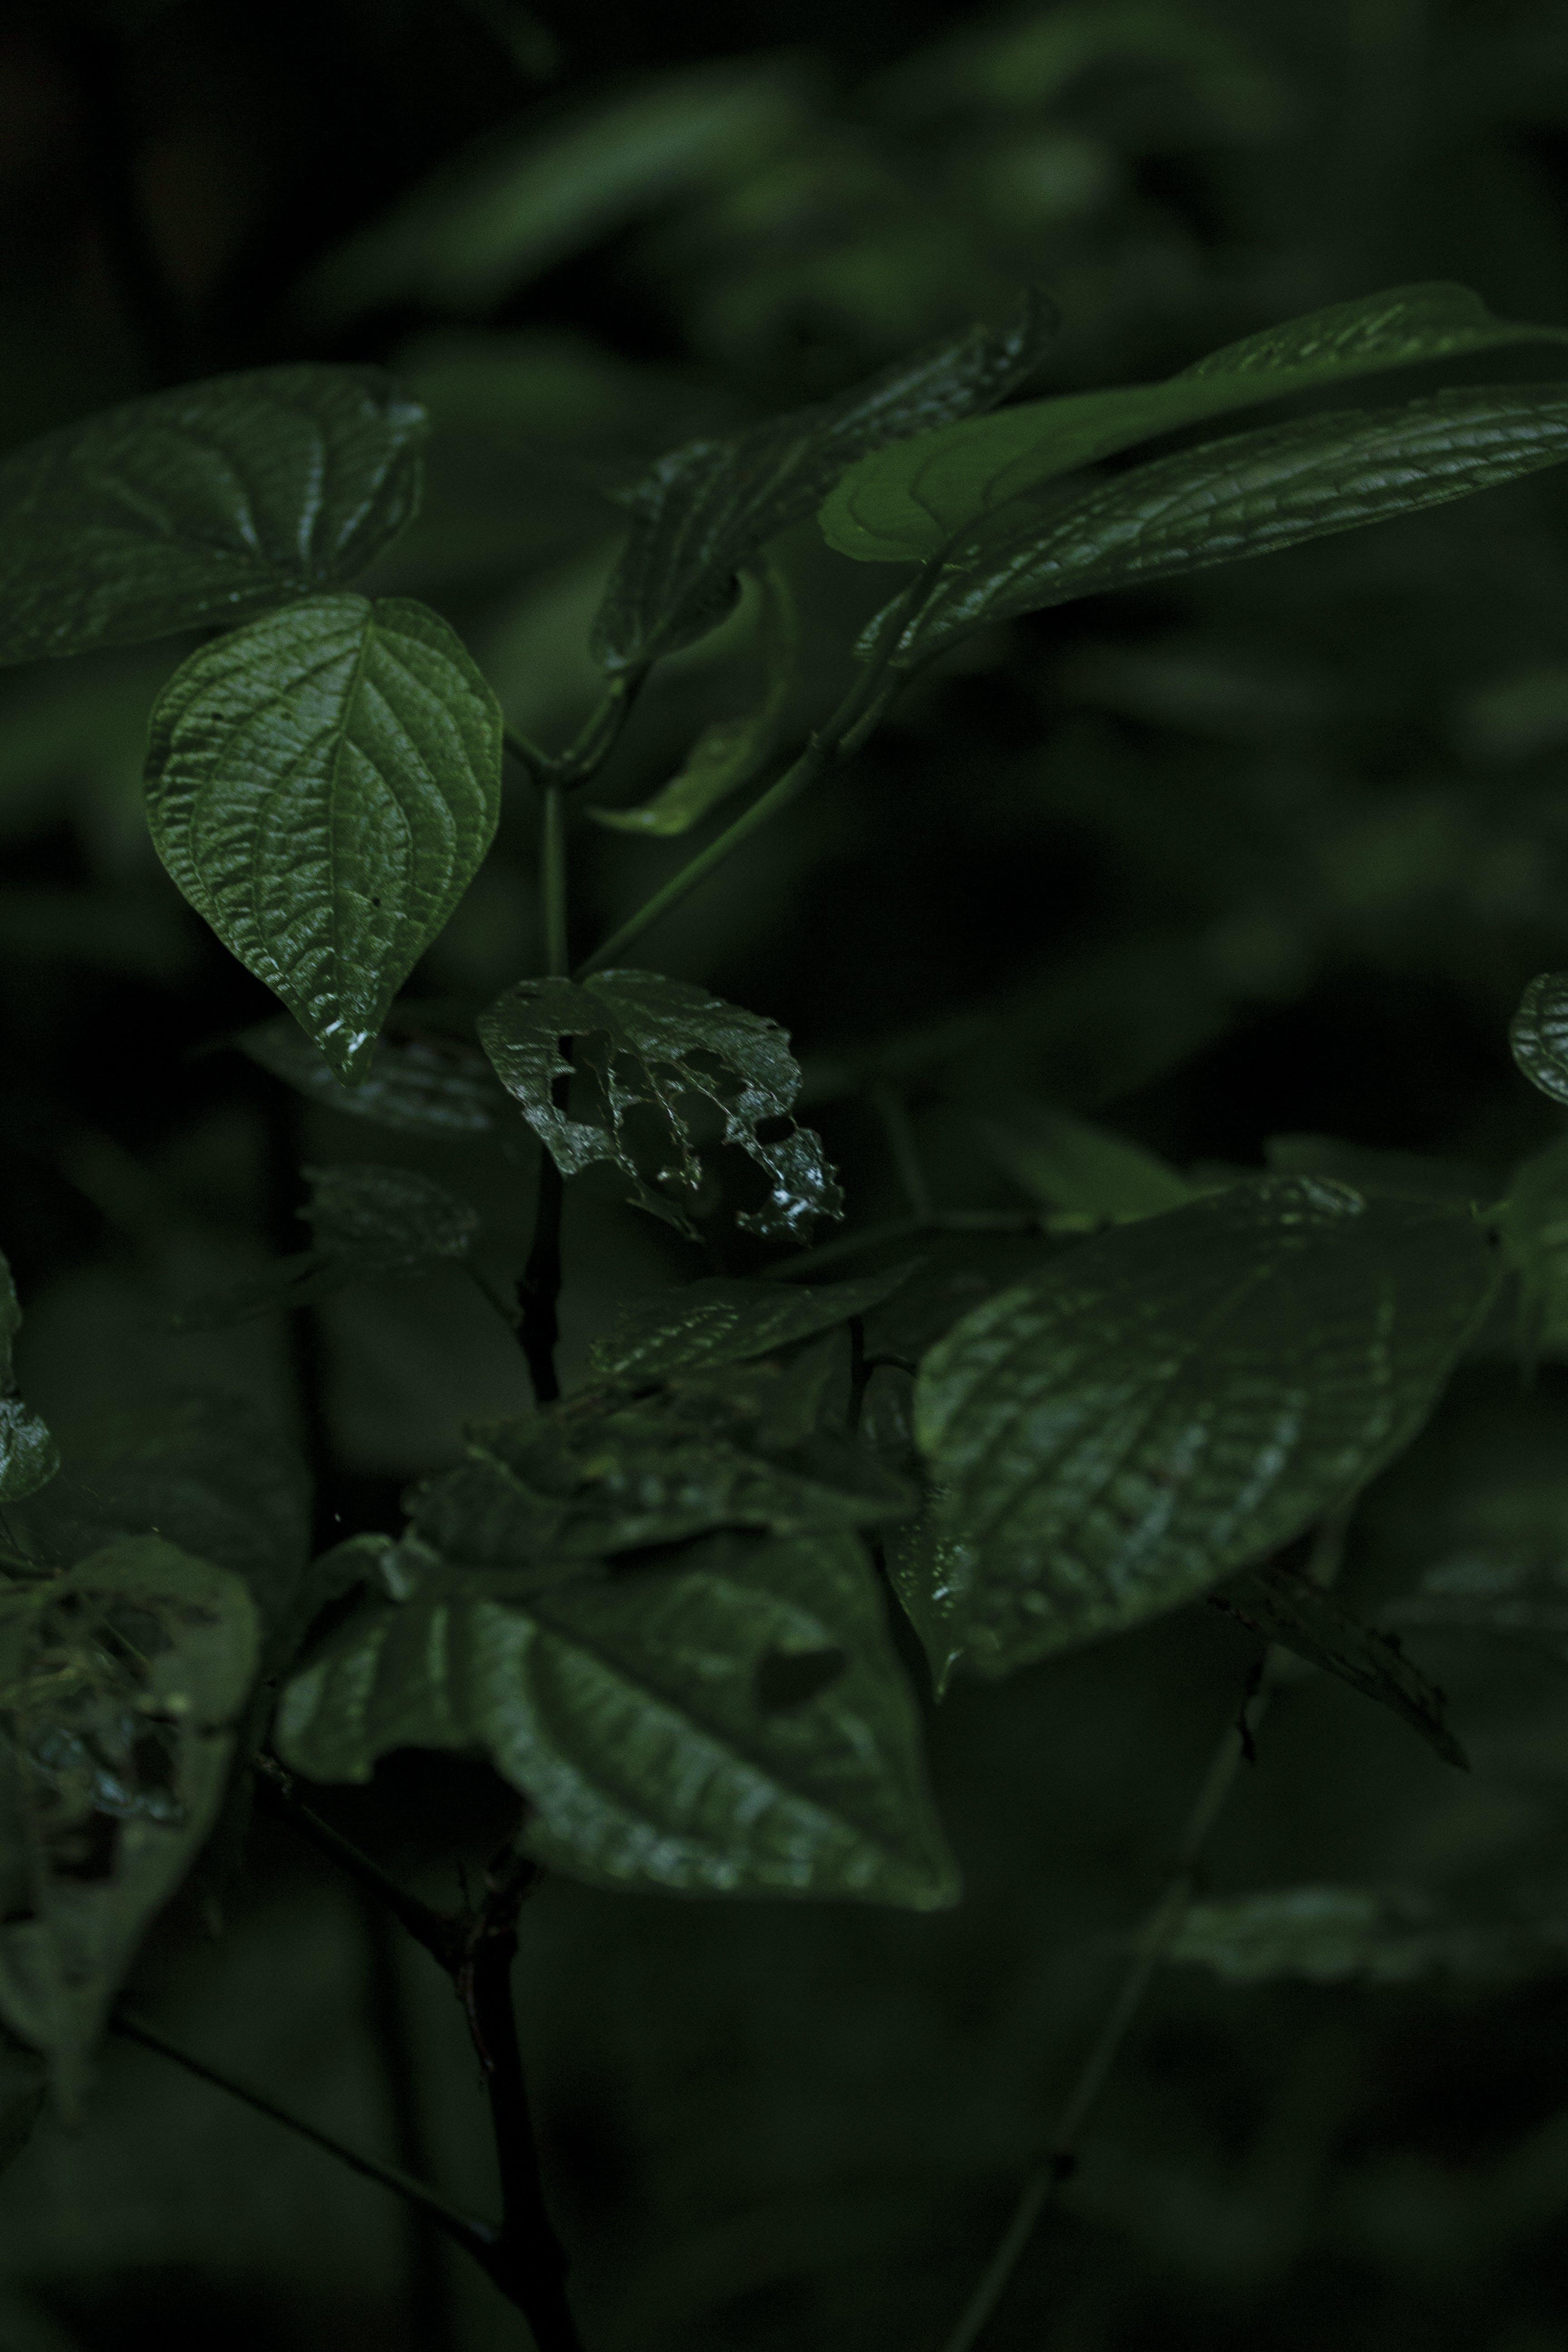 Gratis lagerfoto af blade, grøn, have, plante